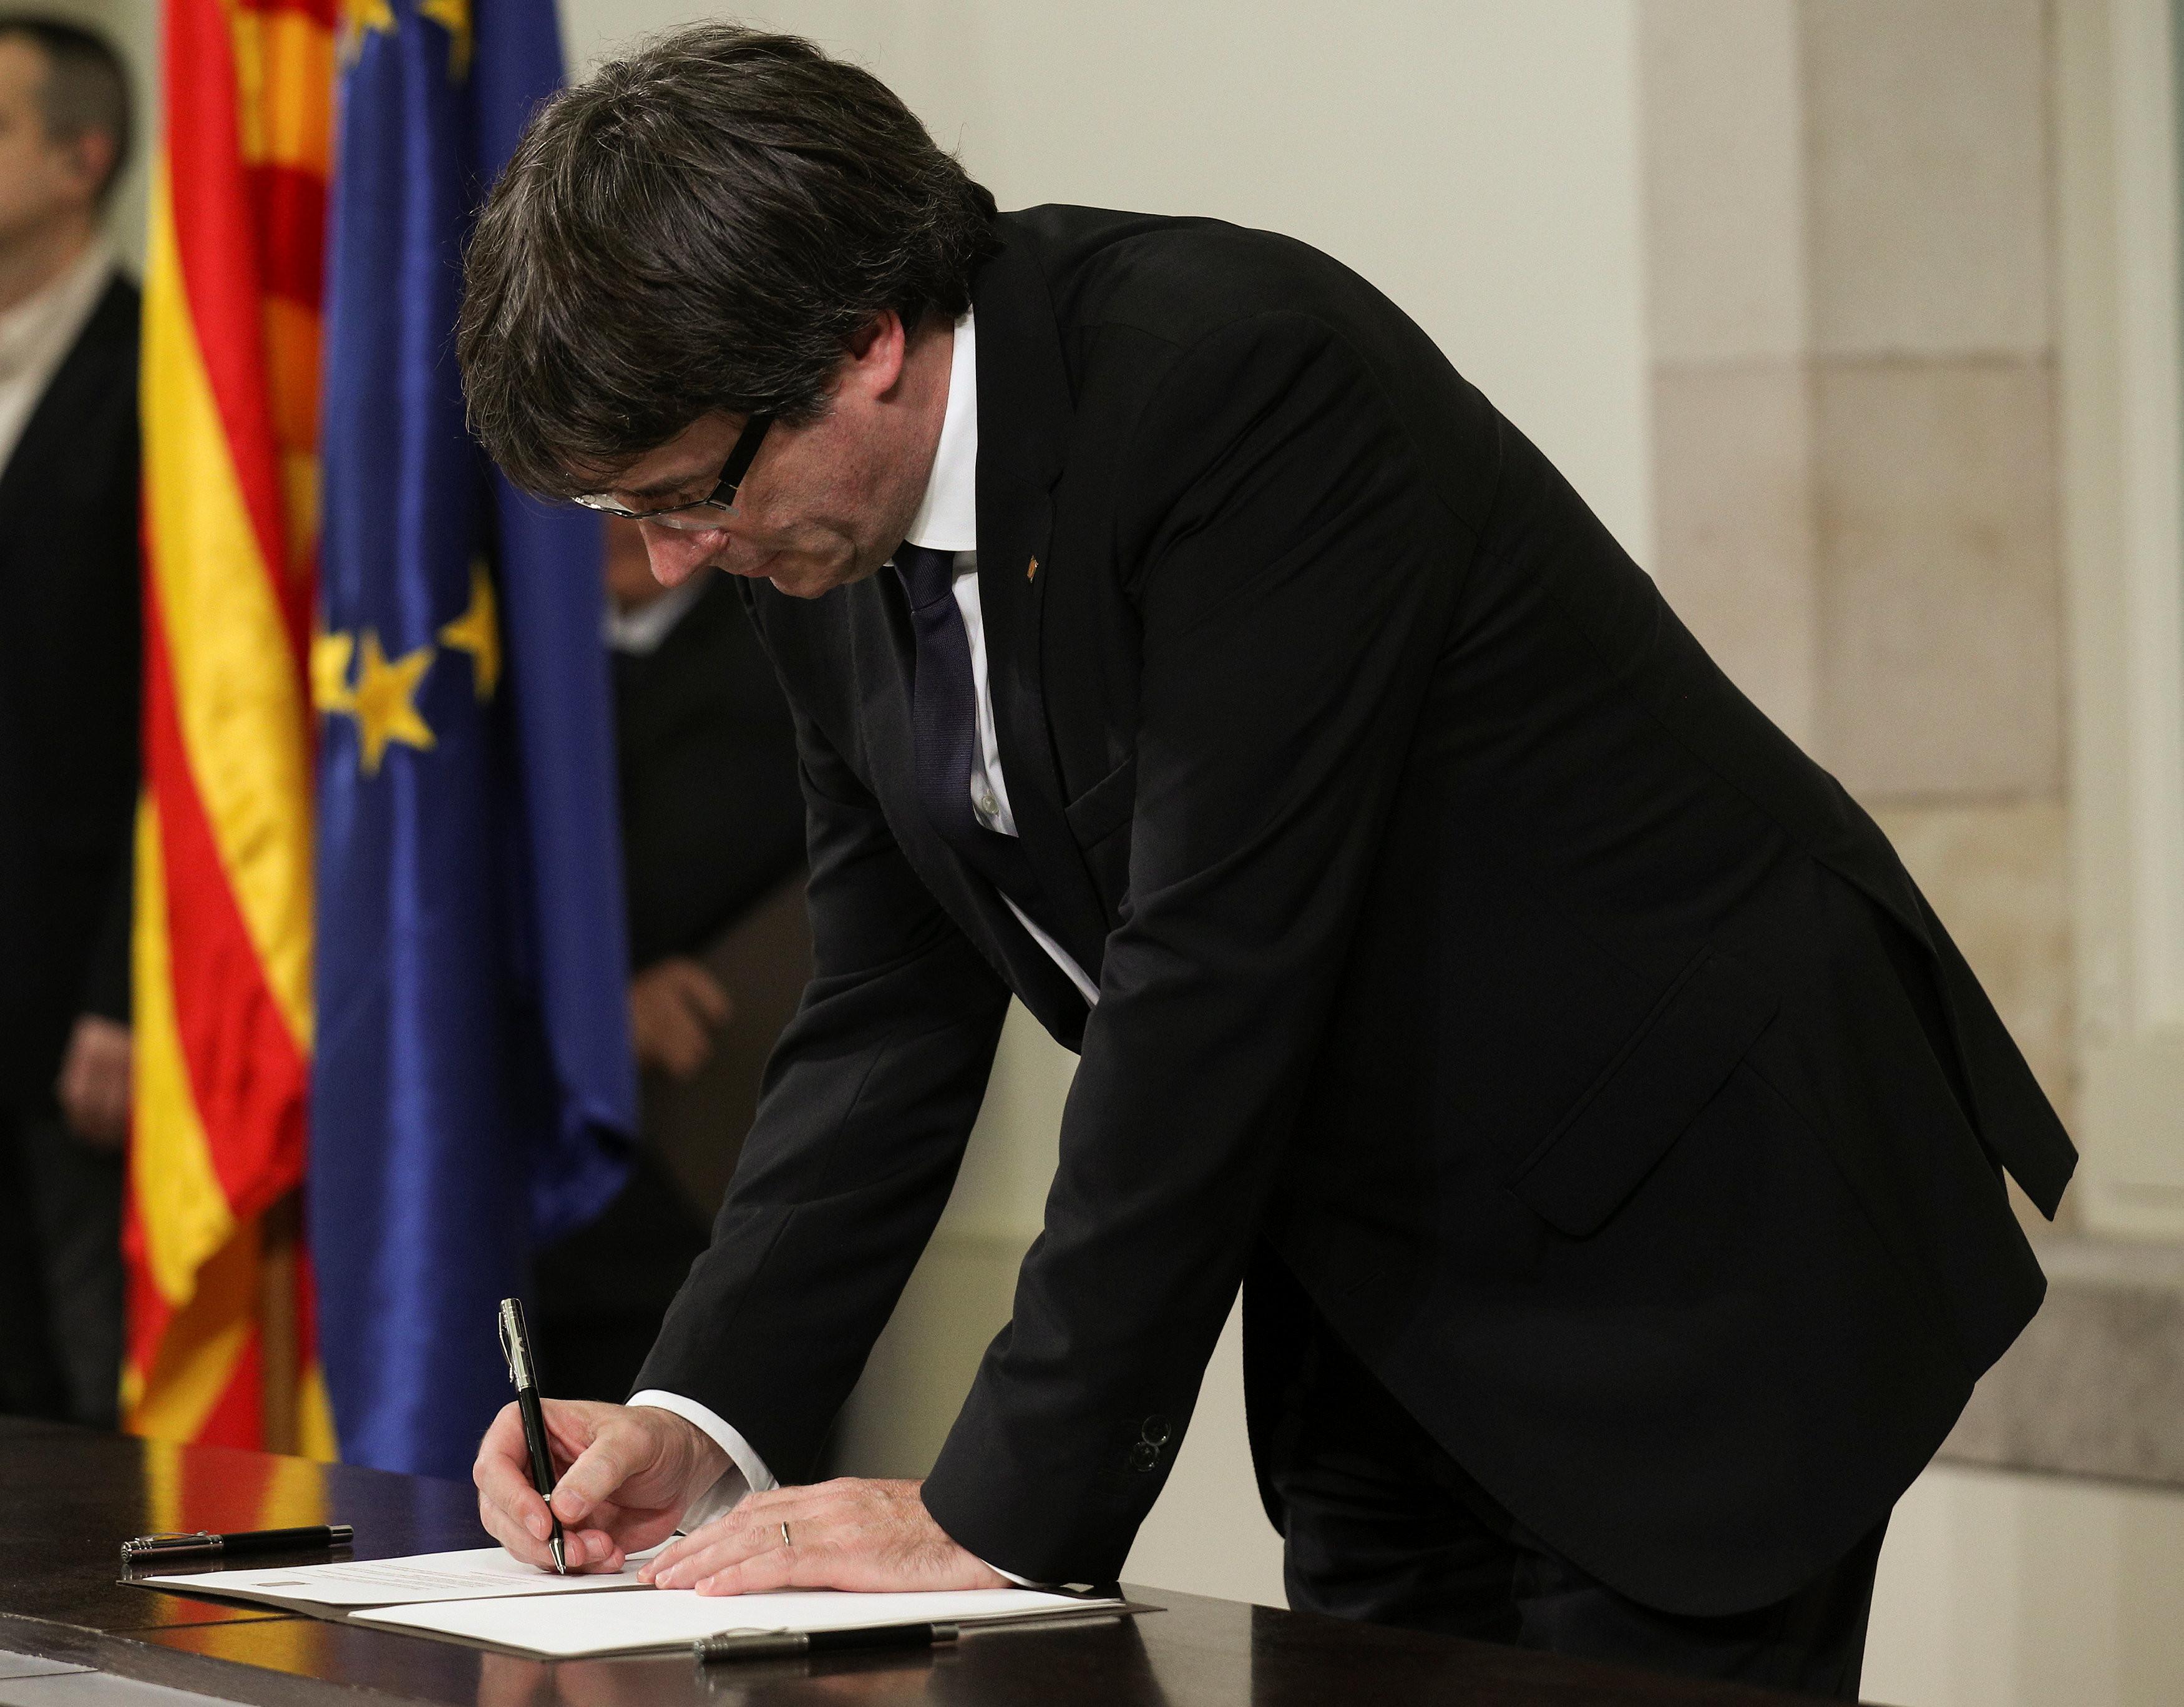 Карлес Пучдемон подписывает декларацию независимости Каталонии. Фото: © REUTERS/Albert Gea